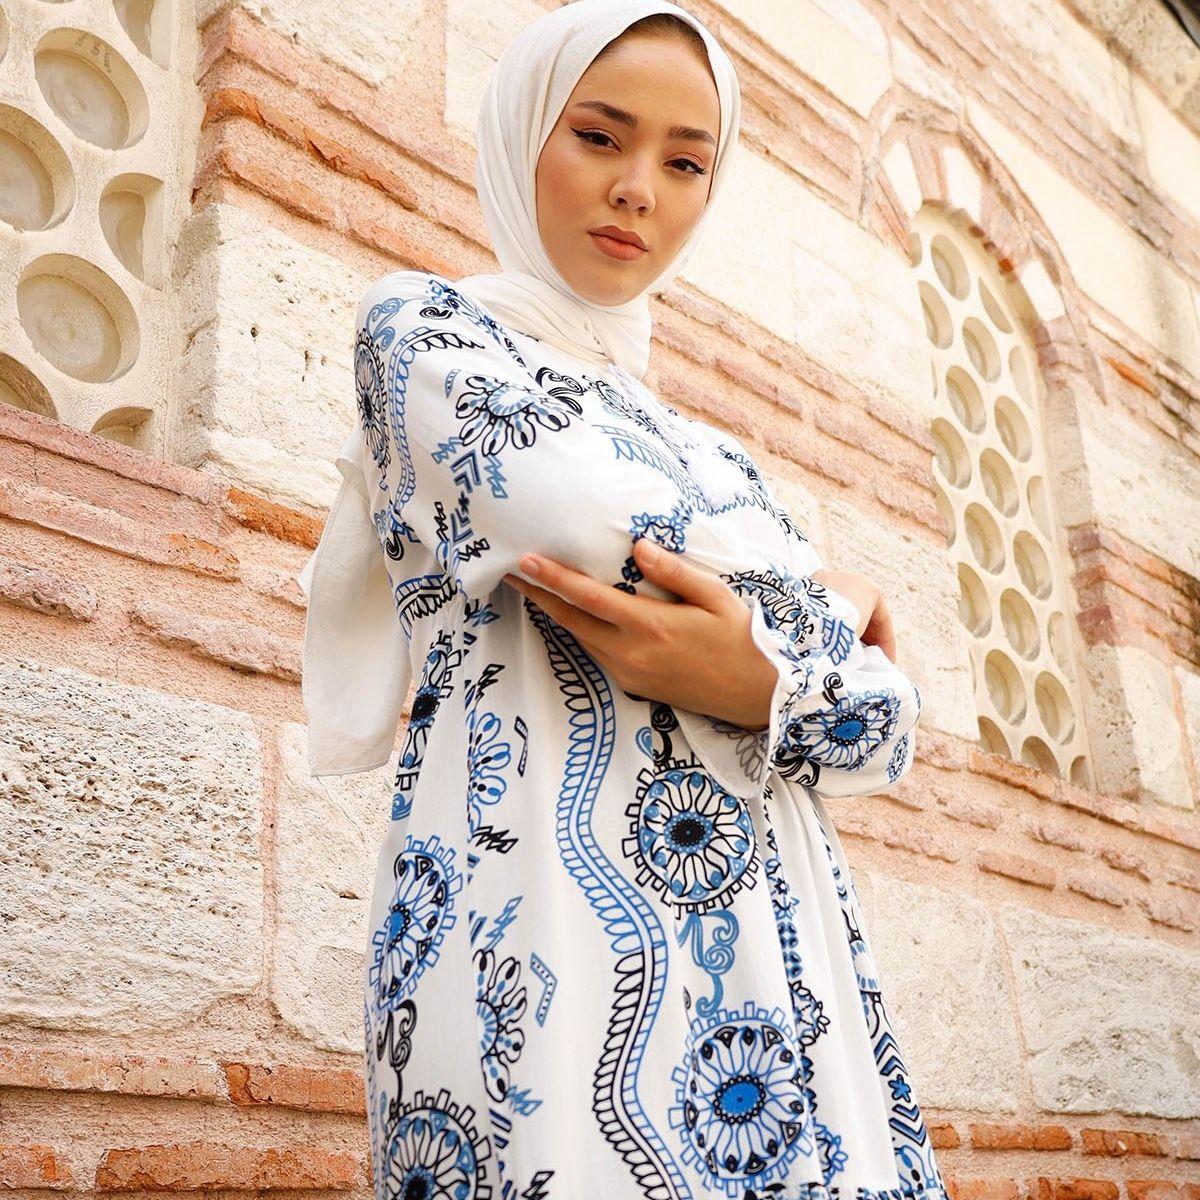 فستان بتصميم محبب بياقة ممزقة فستان إسلامي تركي موضة إسلامية ملابس إسلامية دبي استانبولستايل اسطنبول 2021